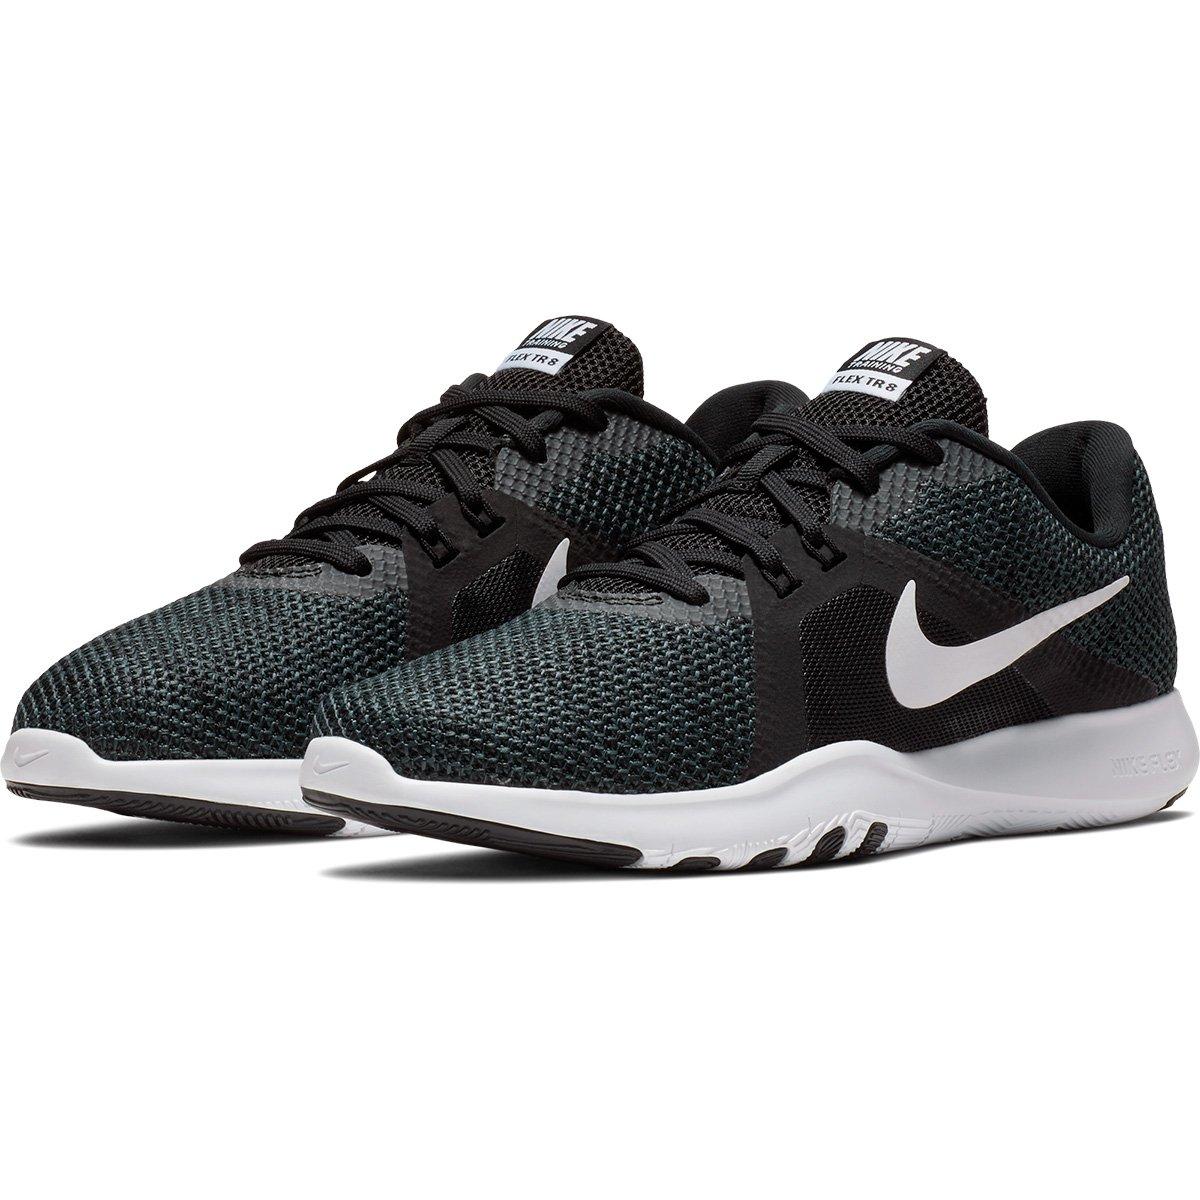 Tênis Nike Flex Trainer 8 Feminino - Preto e Branco - Compre Agora ... 61b541146ee7e